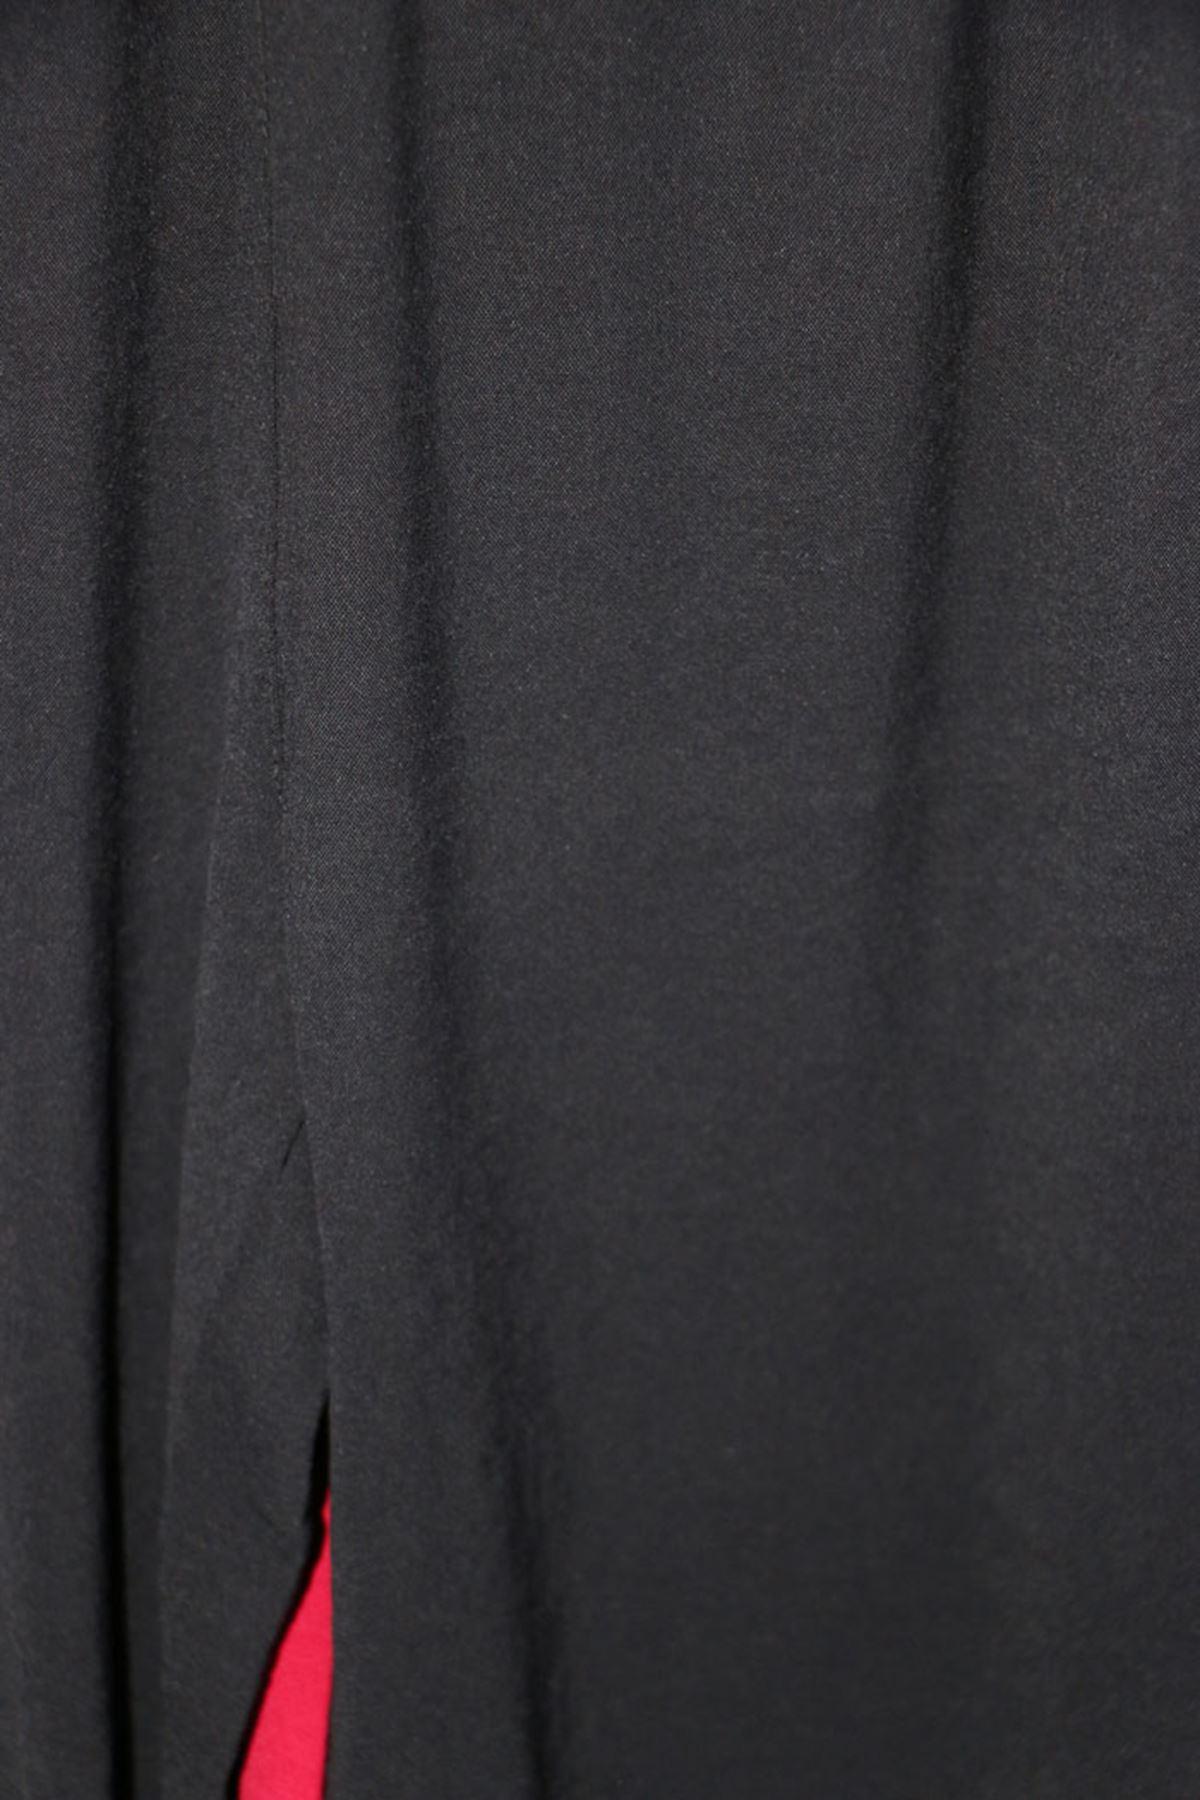 D-27706 Büyük Beden Defolu Mikro Krep Pantolon - Siyah